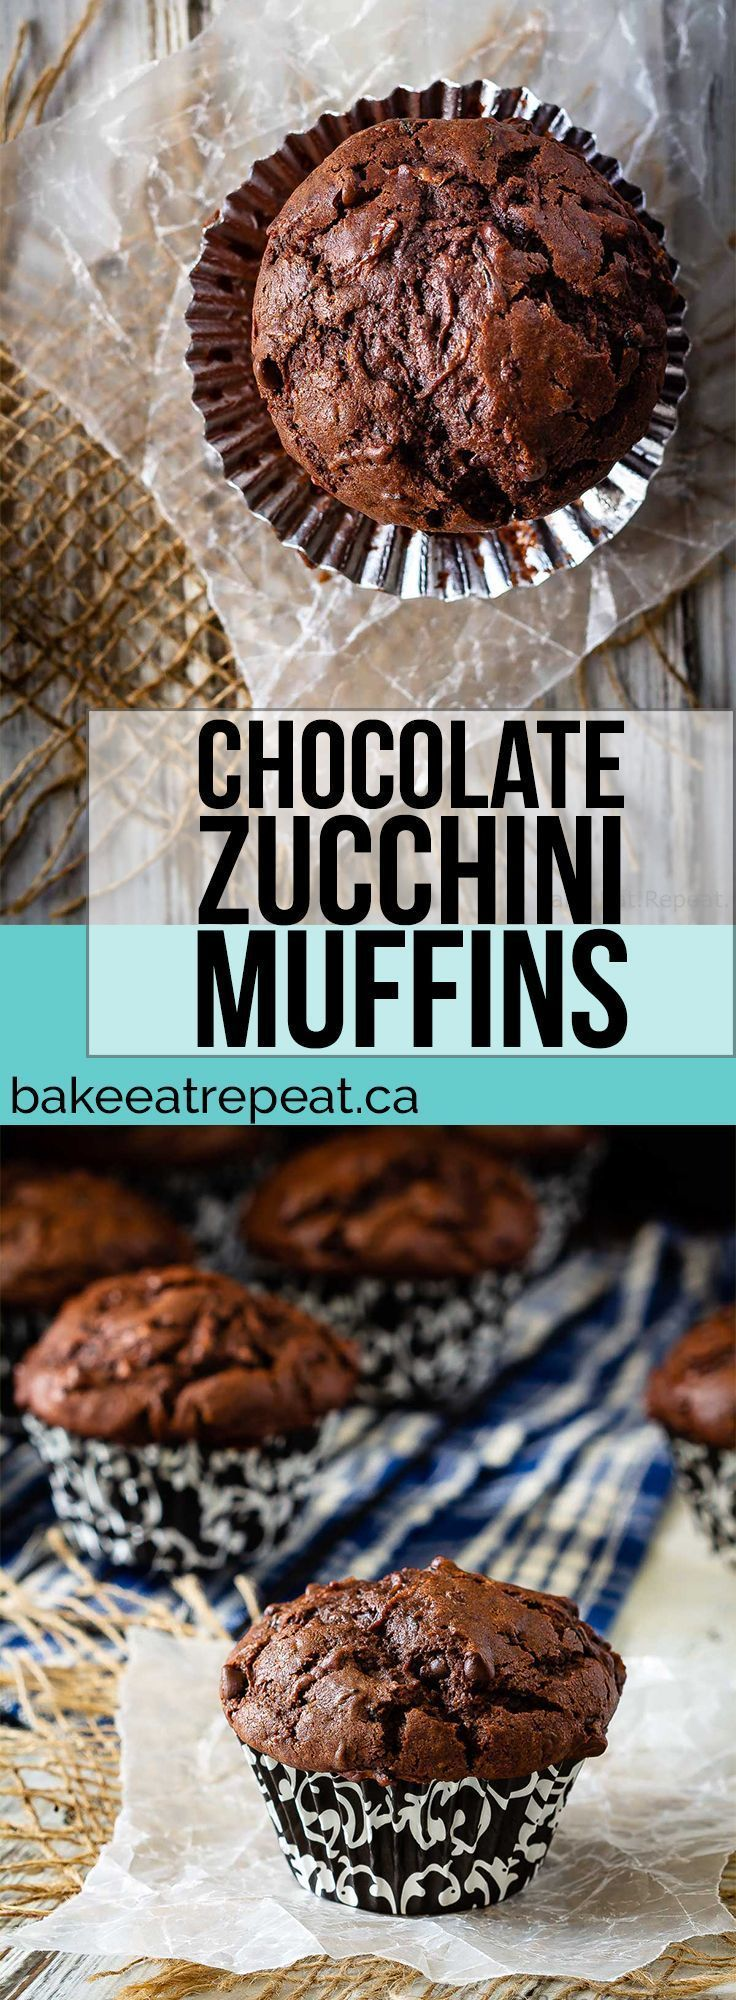 Chocolate Zucchini Muffins Recipe In 2020 Chocolate Zucchini Muffins Healthy Chocolate Zucchini Bread Zucchini Muffin Recipes